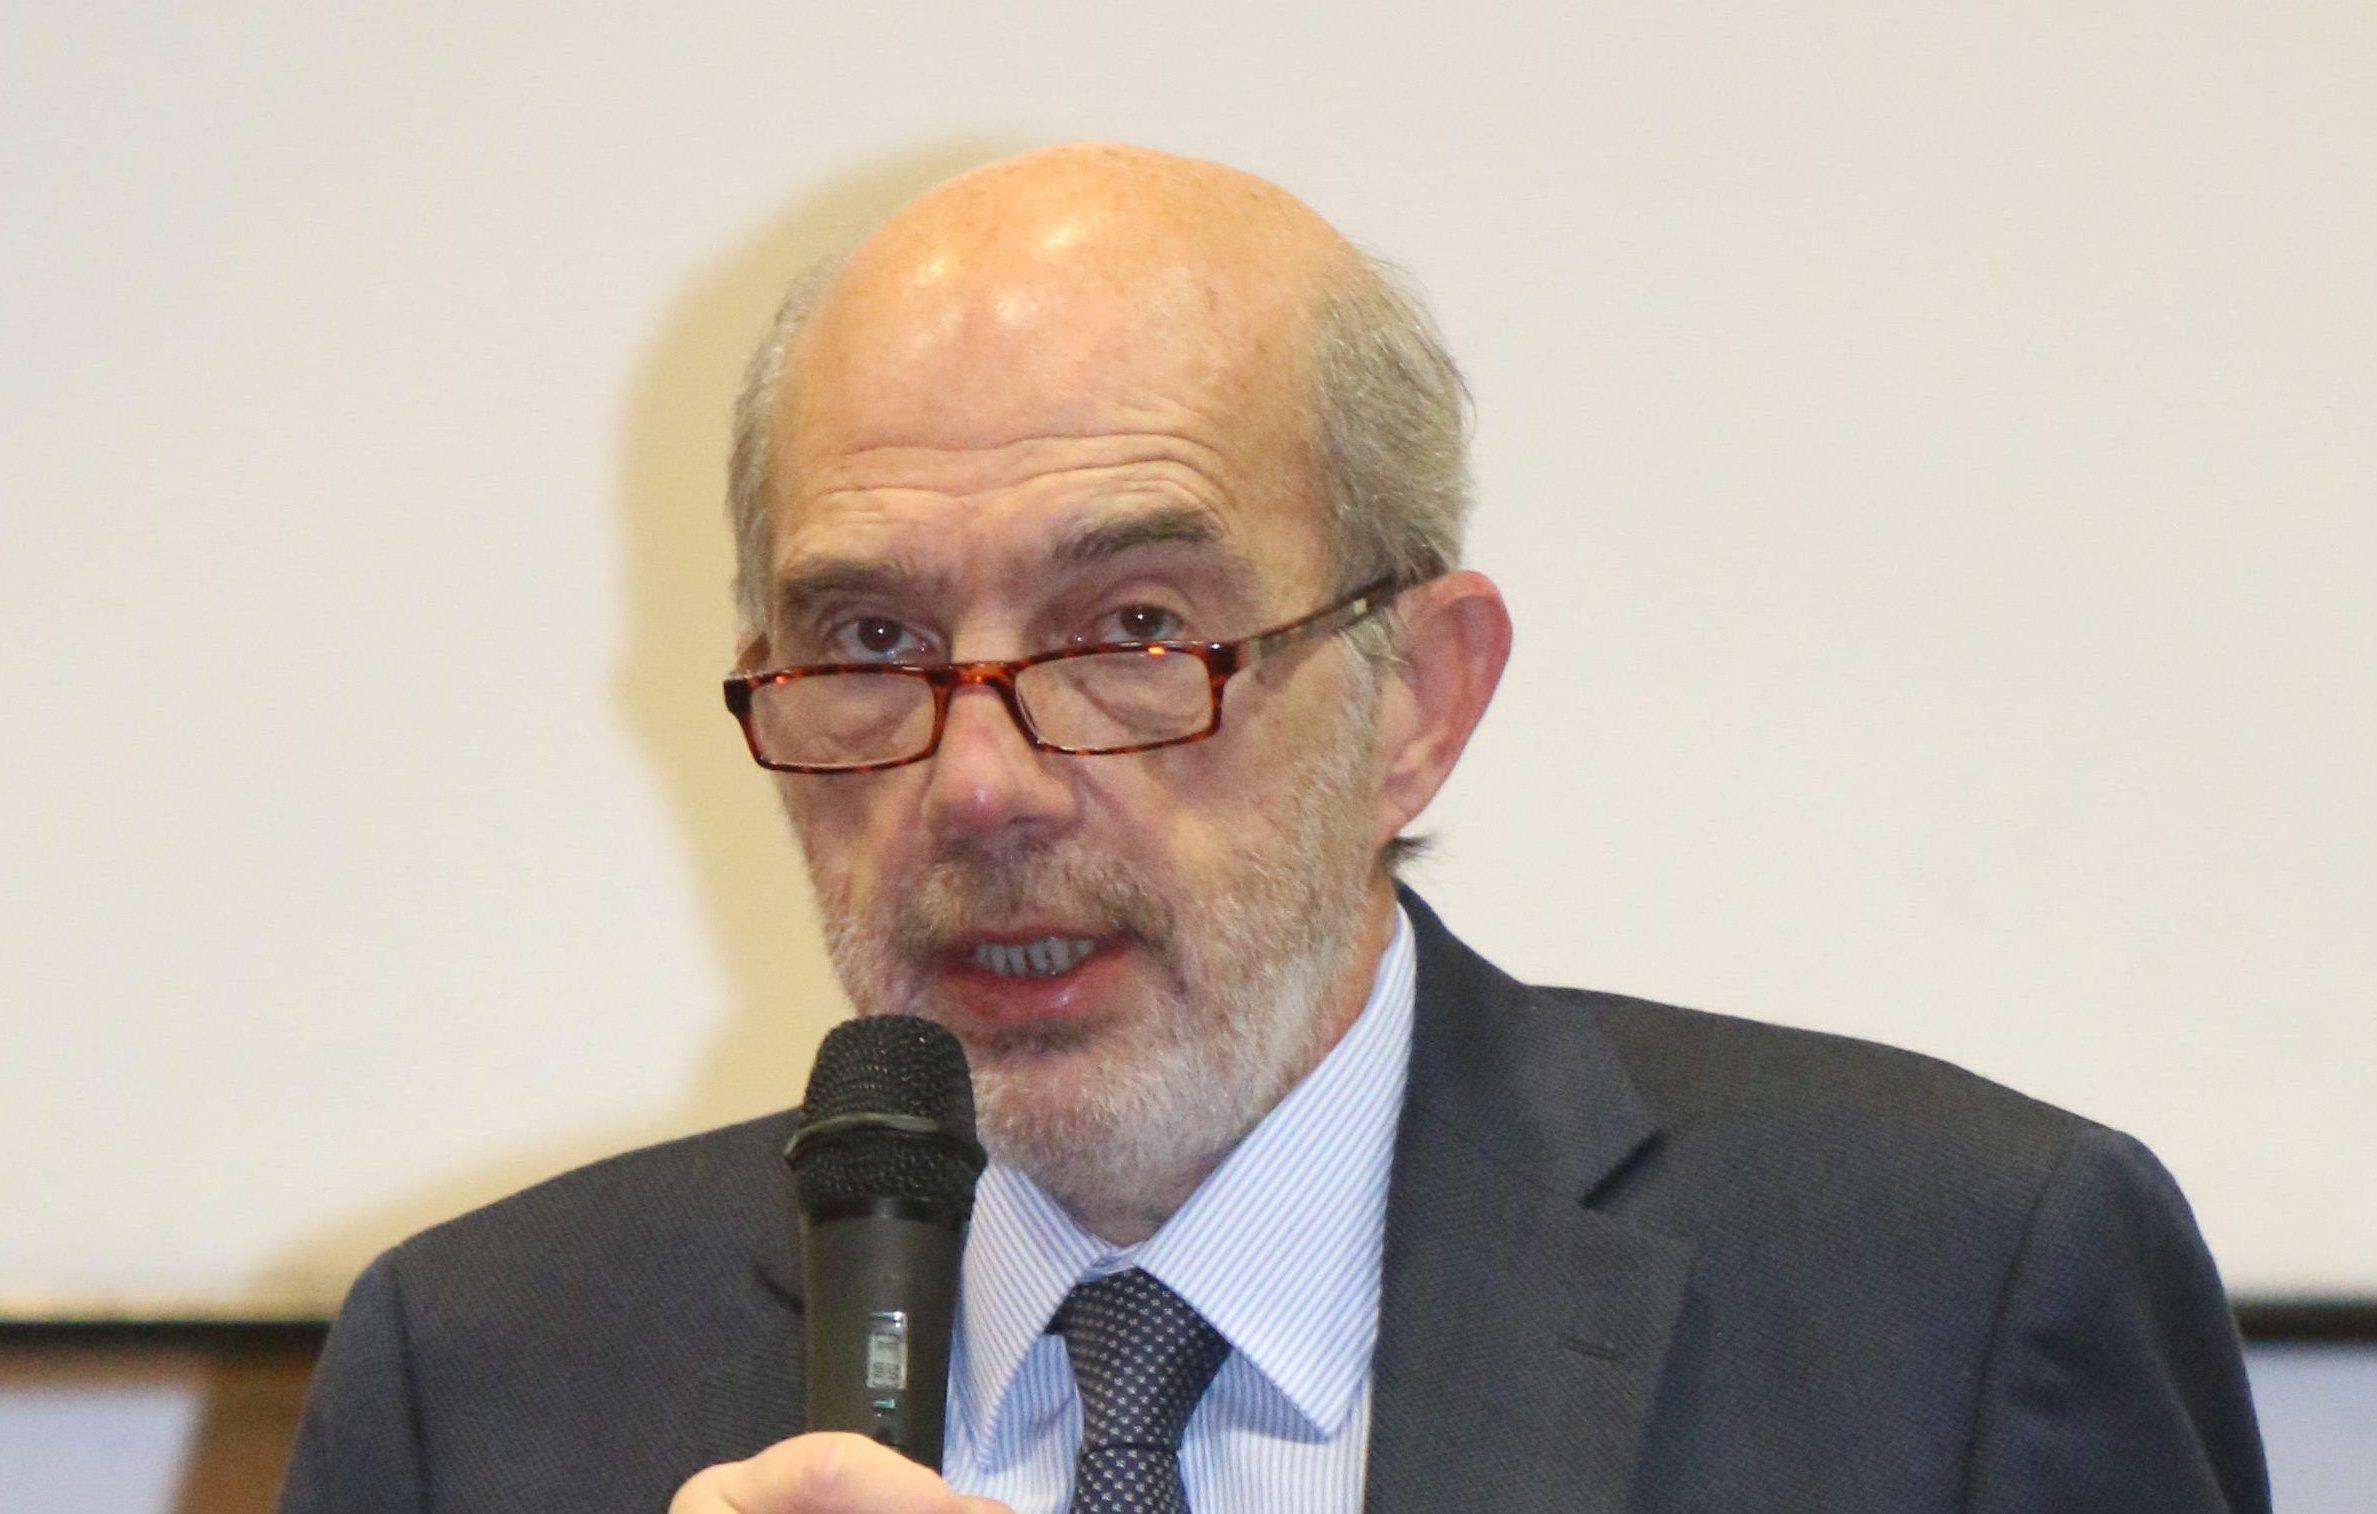 Concorsi truccati, sospeso il rettore dell'Università di Catania e 9 prof